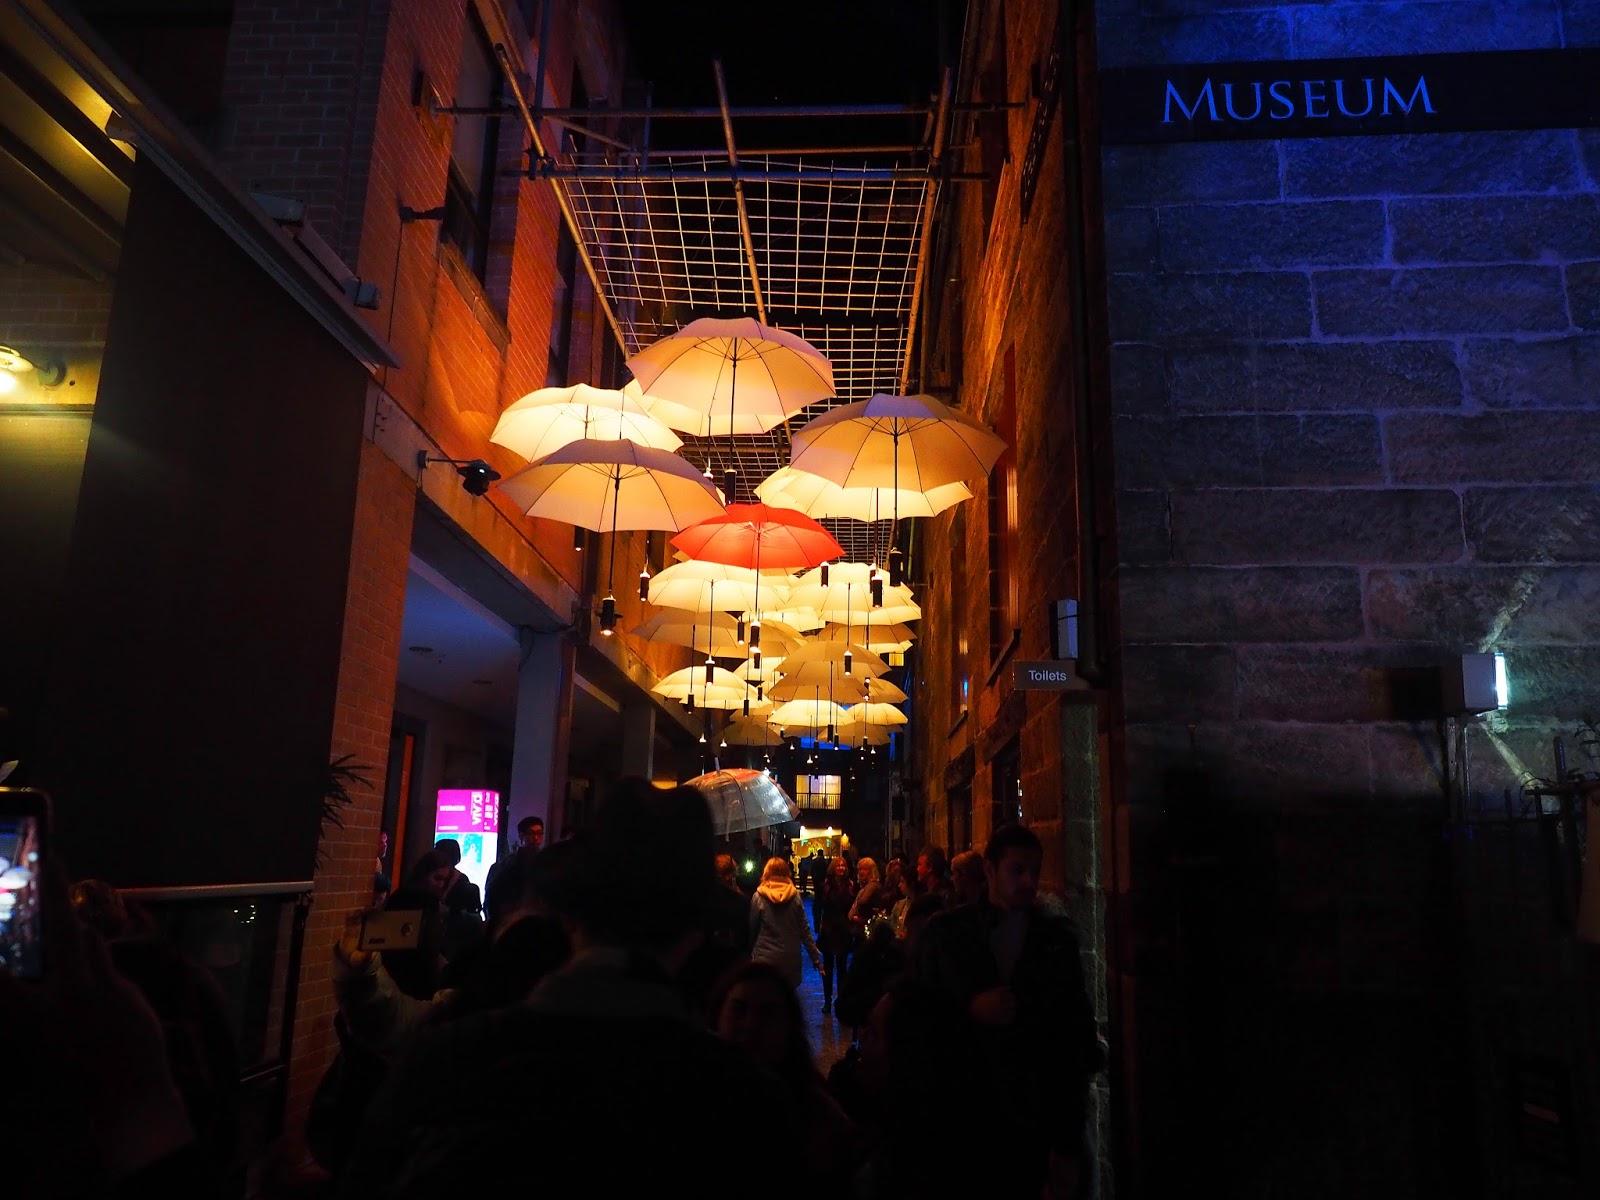 Vivid Sydney Alley with Umbrellas